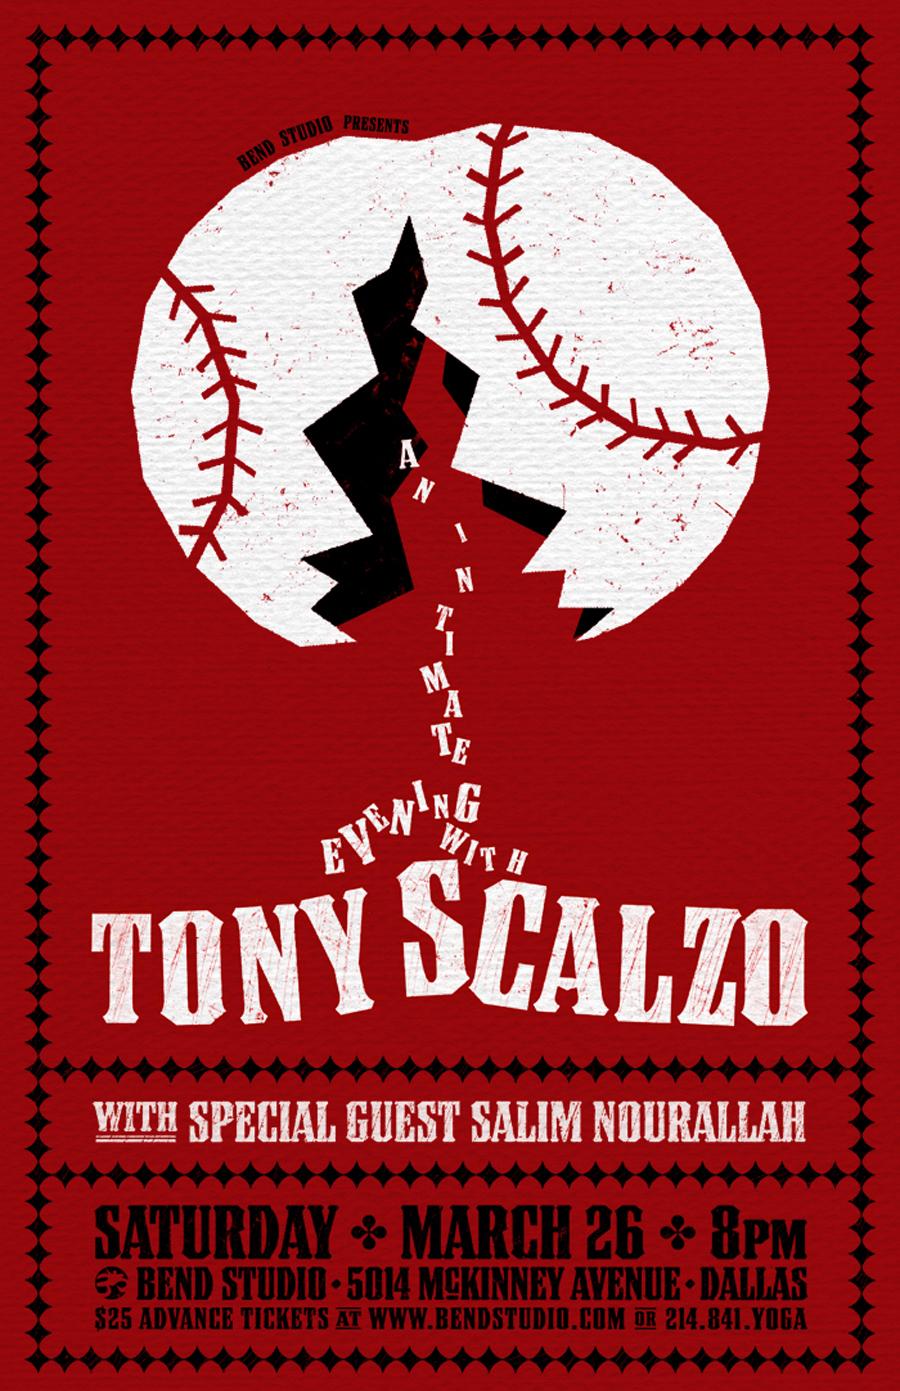 Tony Poster.jpg